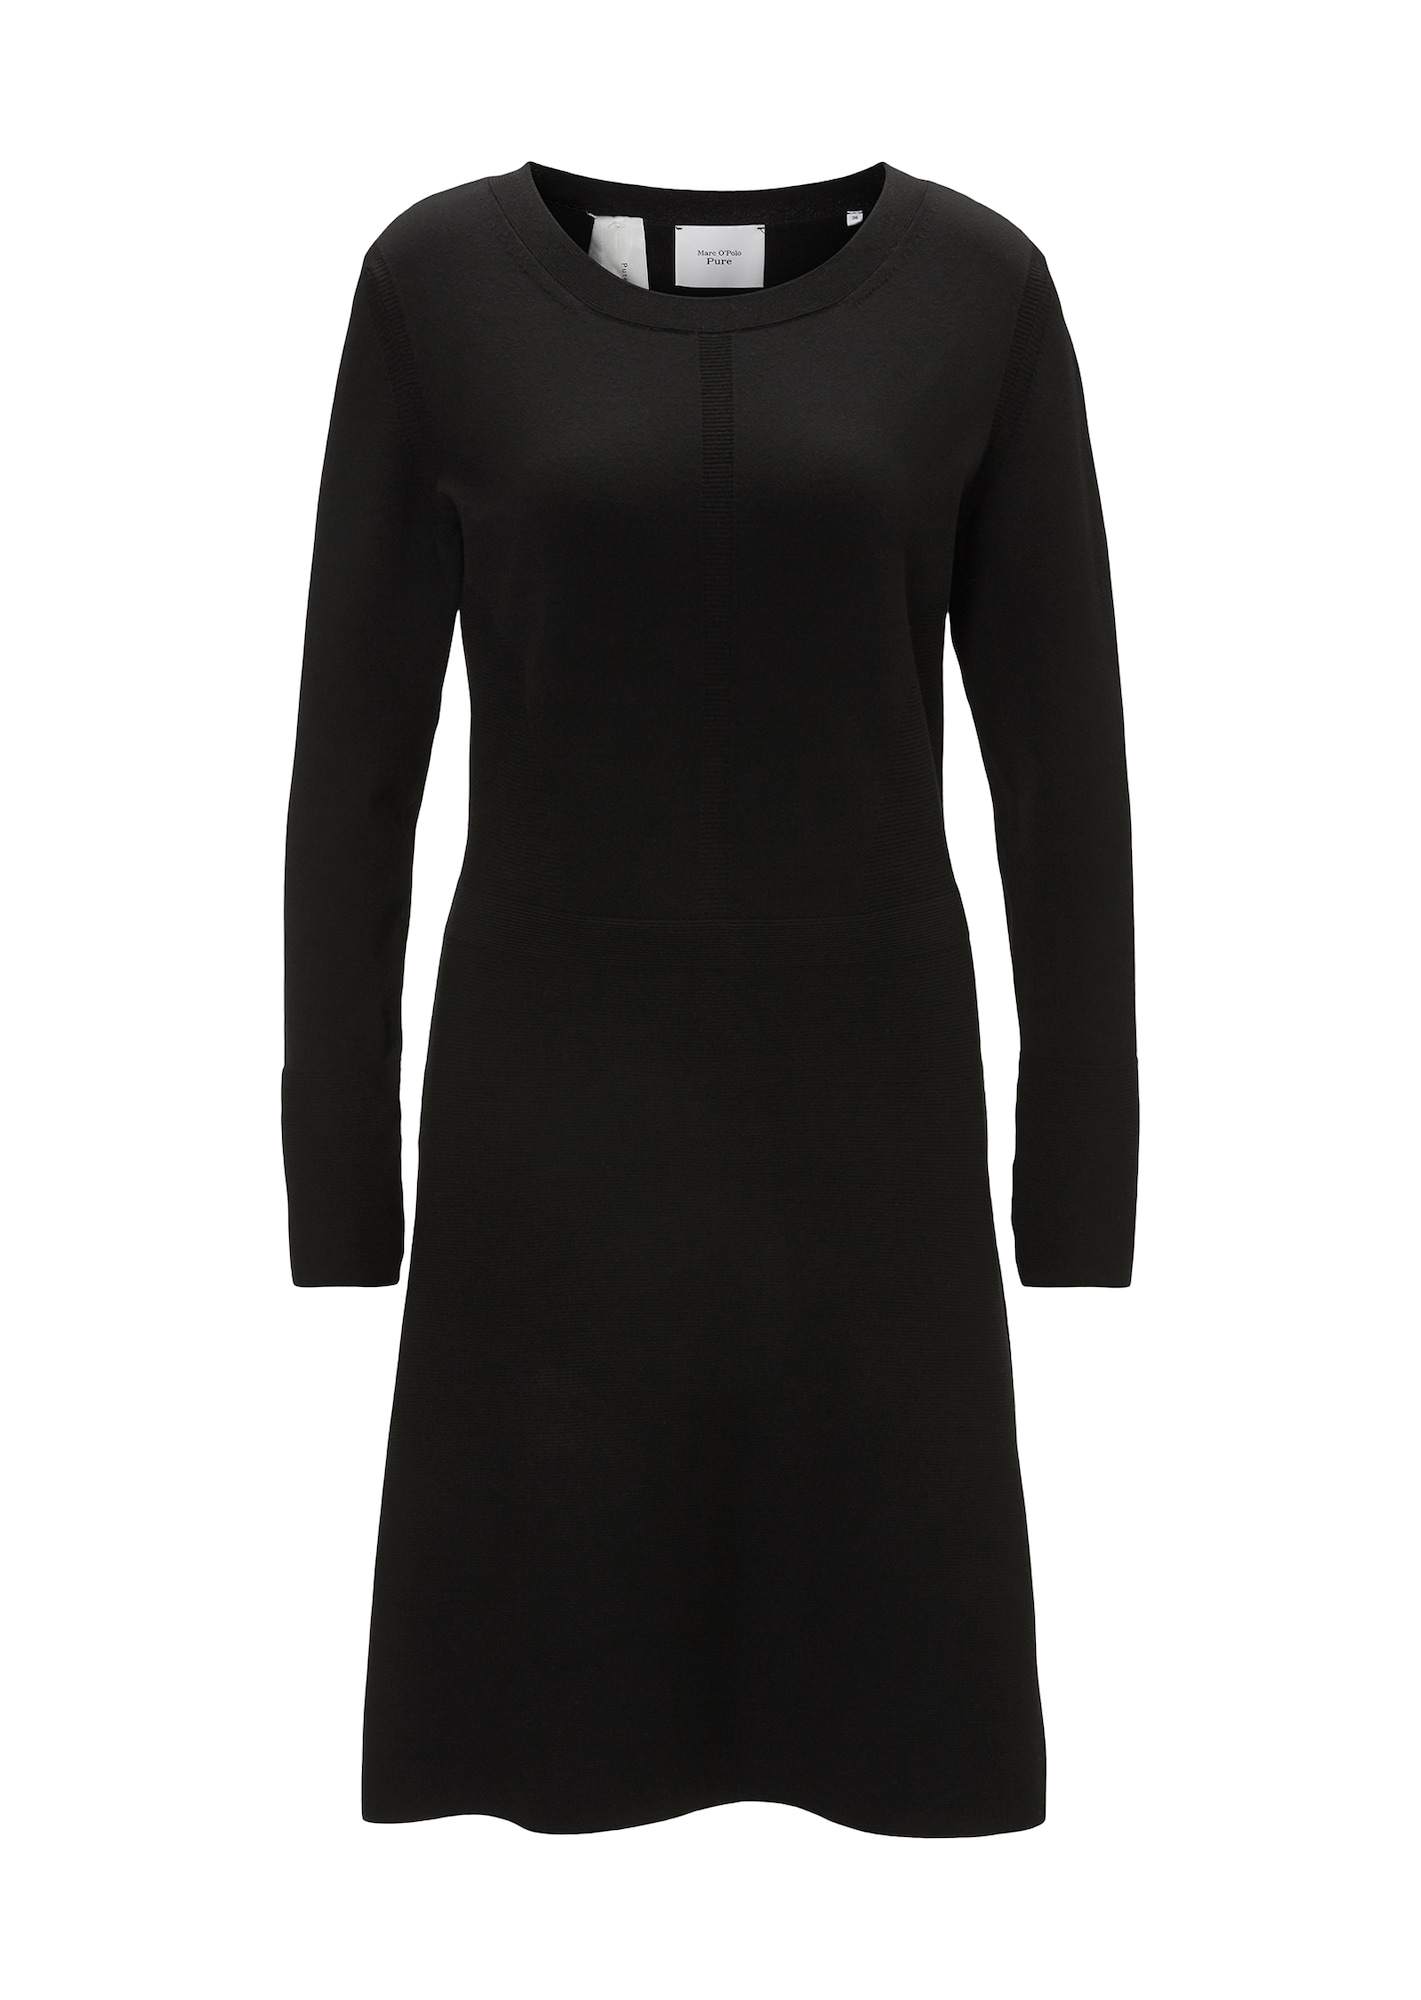 Strickkleid | Bekleidung > Kleider > Strickkleider | Marc O'Polo Pure